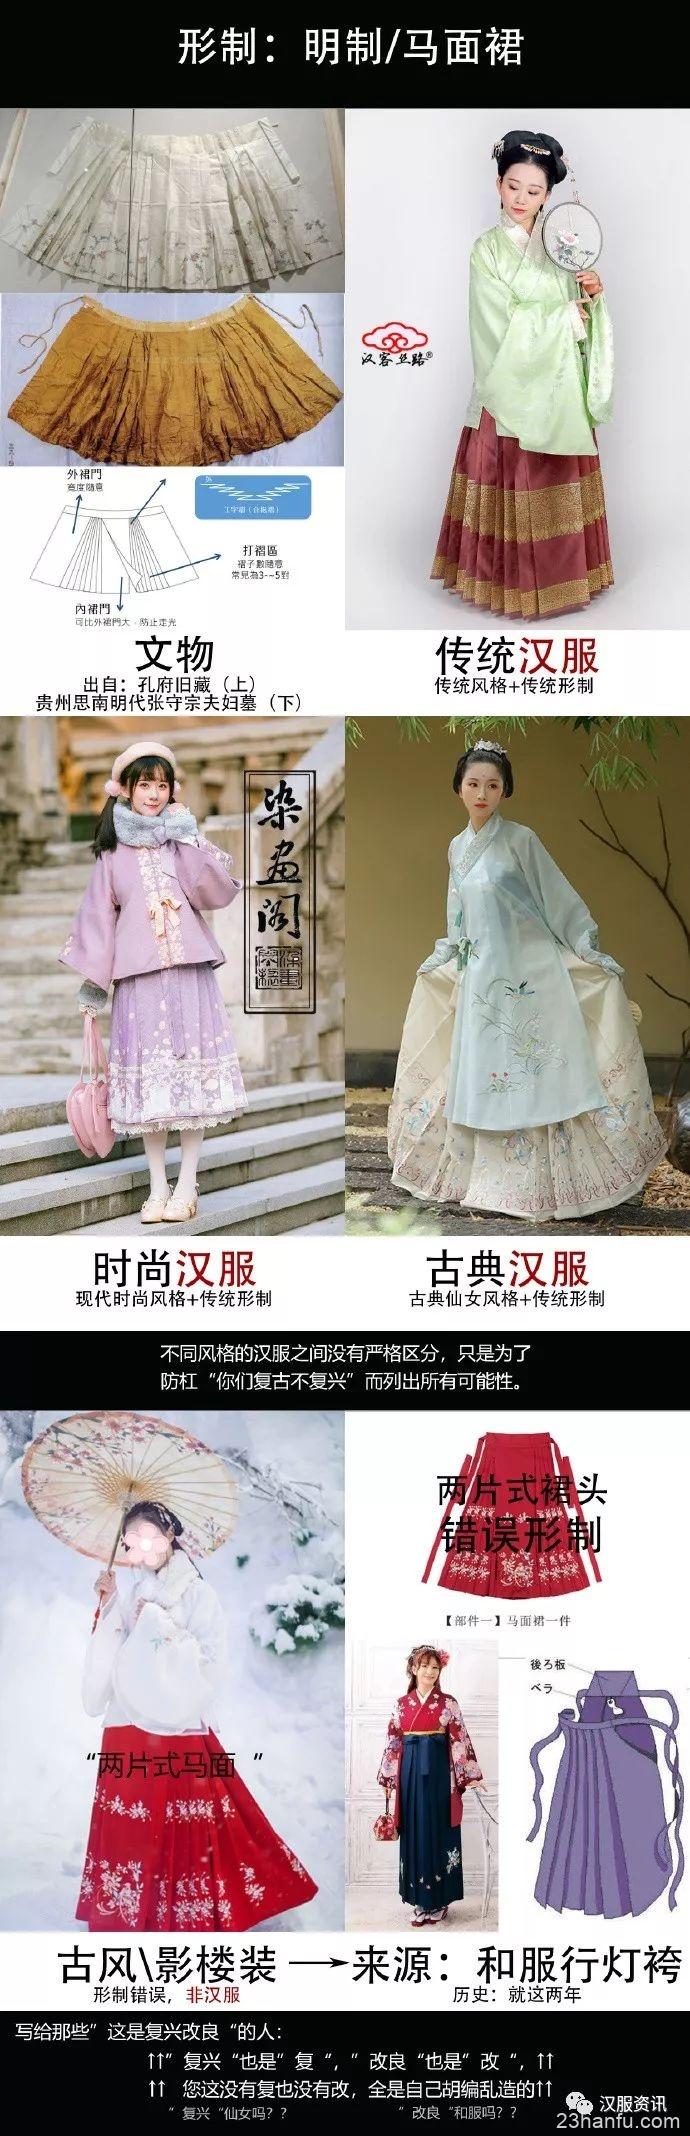 文物和现代汉服的对比 容易混淆的形制完整版来啦